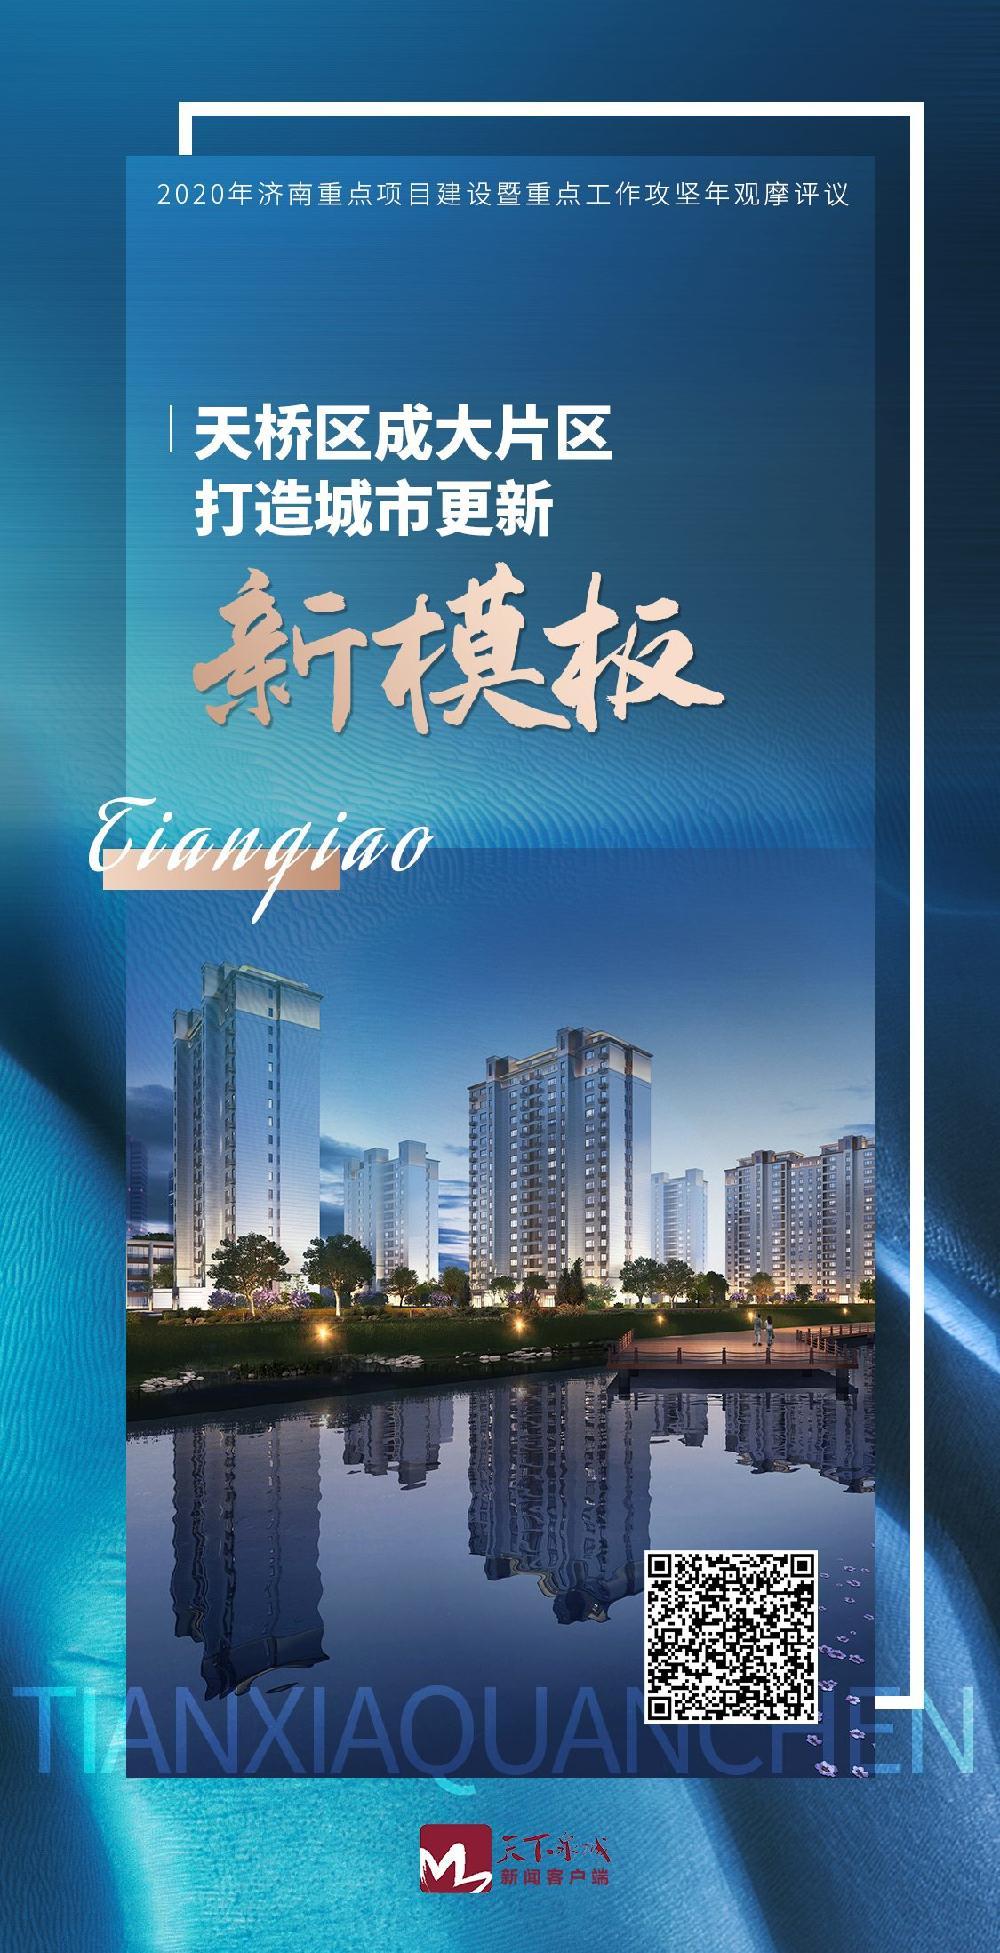 """2020年济南重点项目建设观摩评议 天桥成大片区打造城市更新""""新模板"""""""